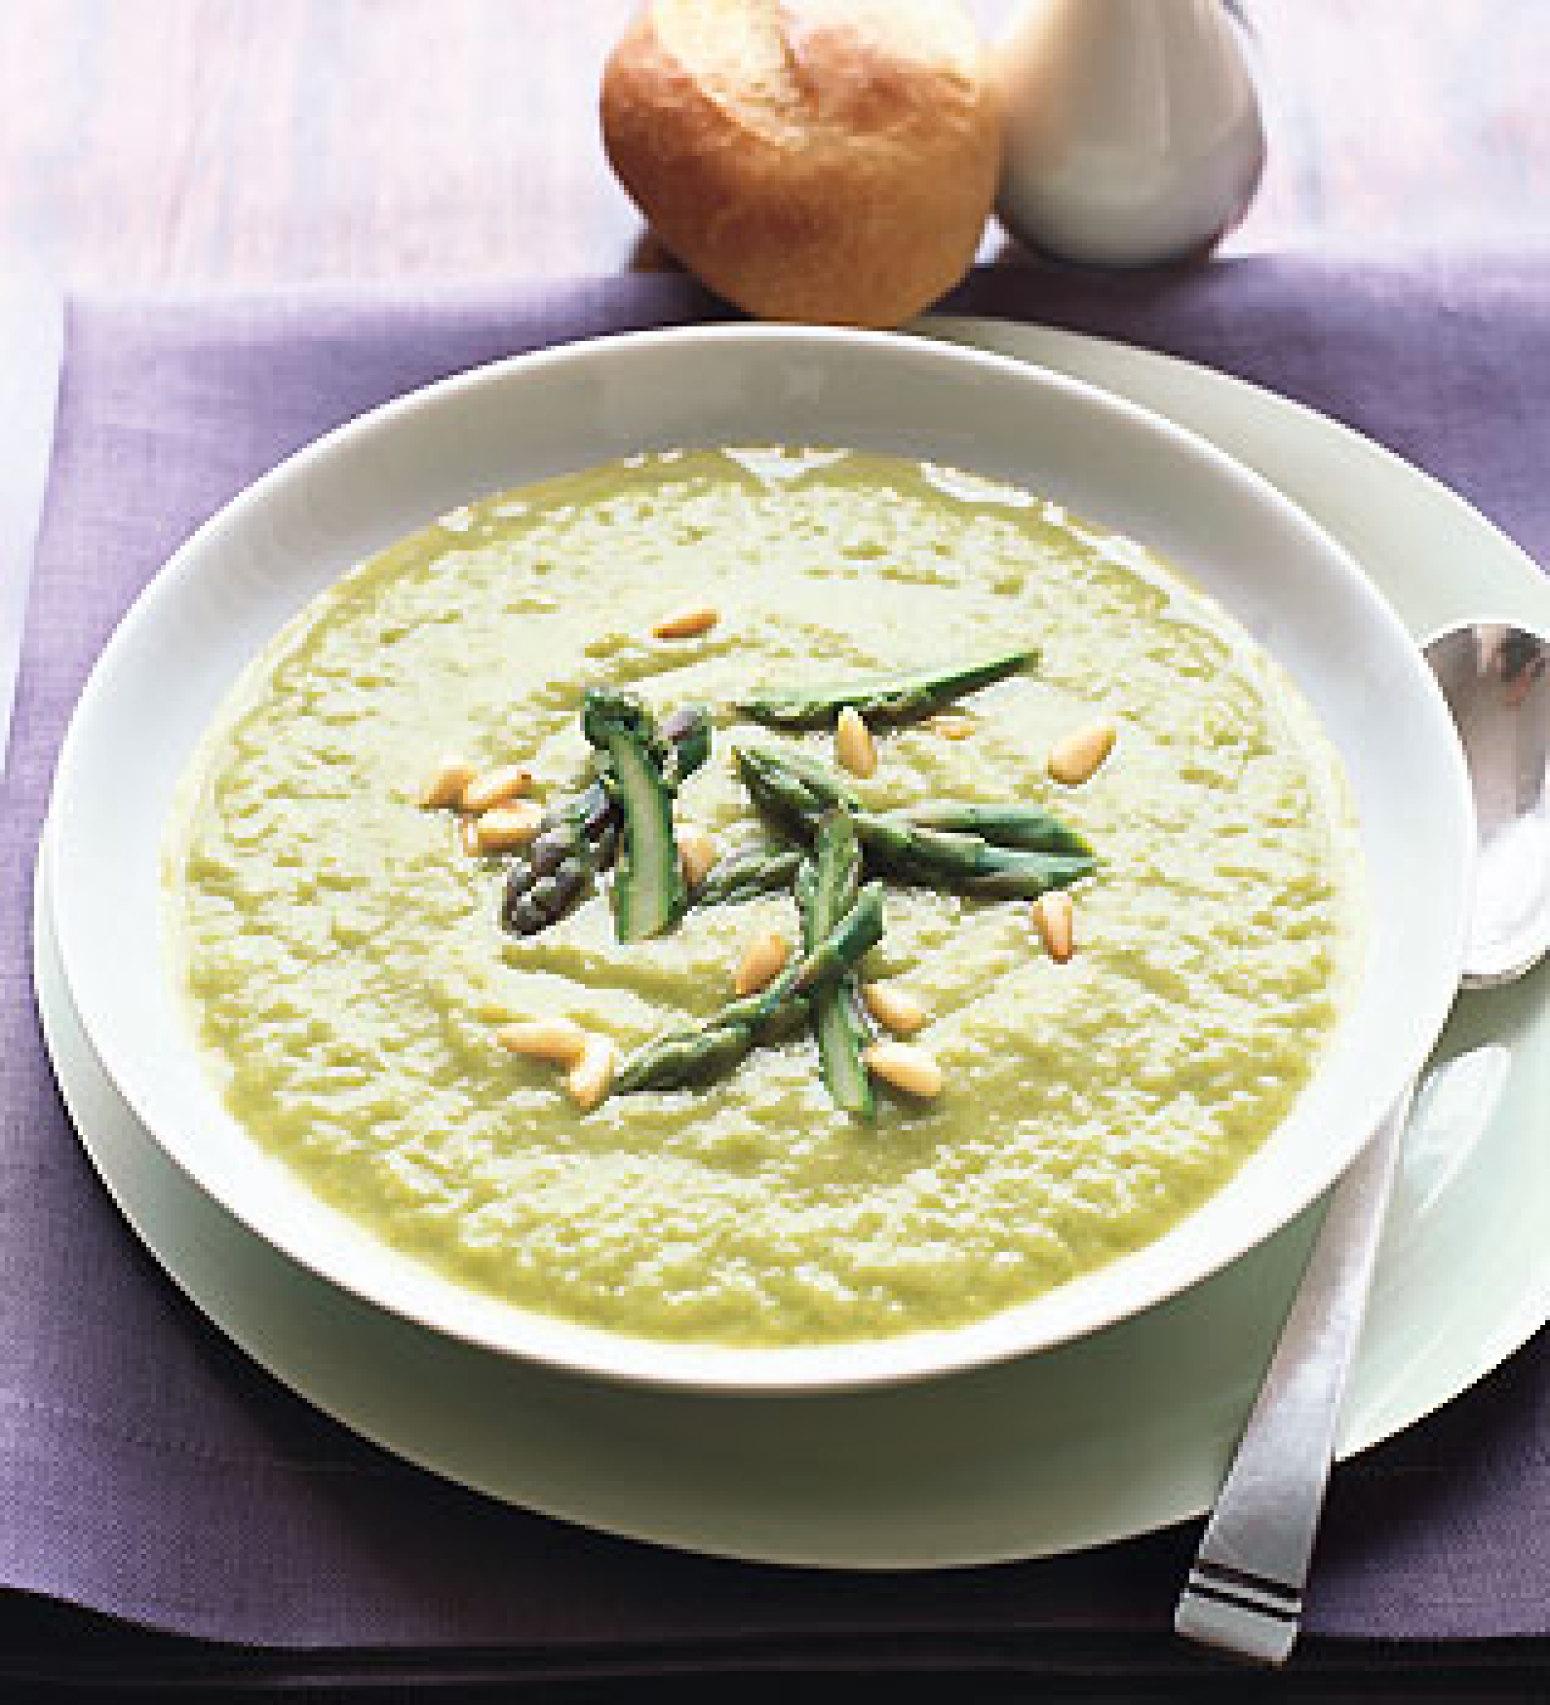 Soup Recipes Asparagus: Creamy Asparagus Soup Recipe